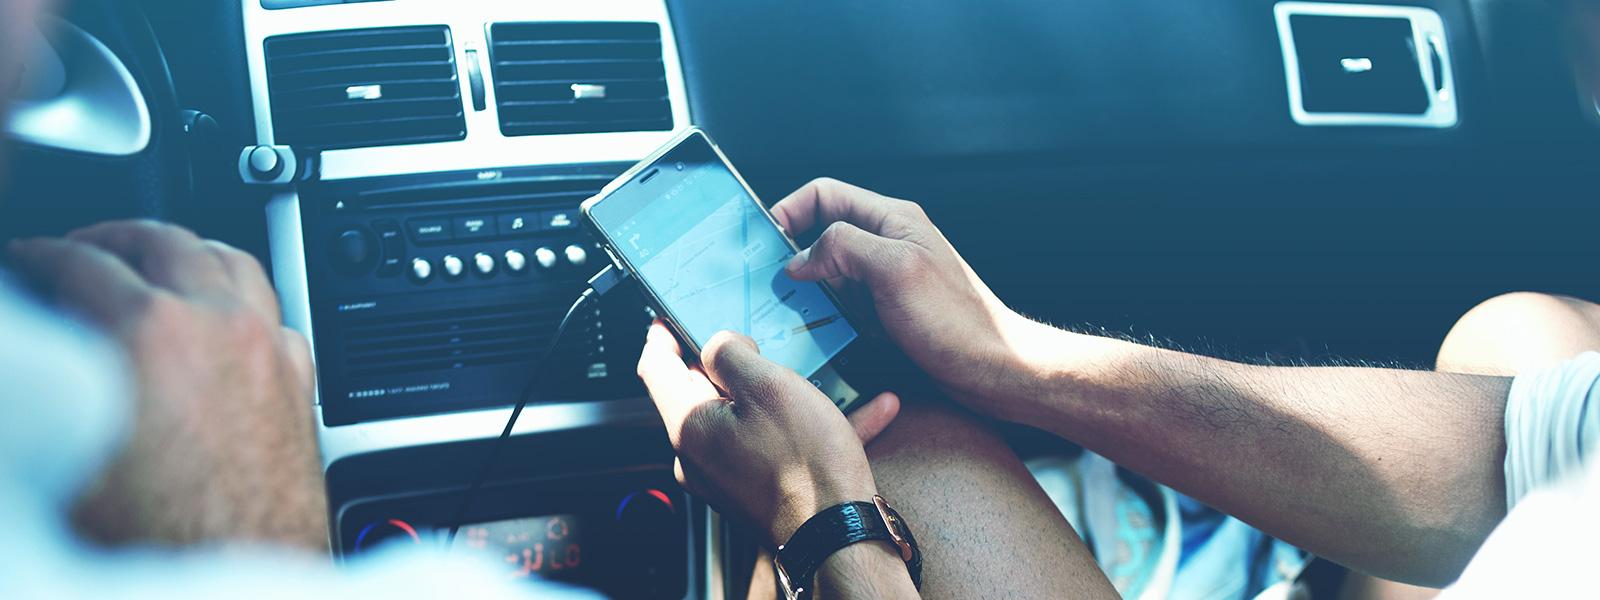 cinco-melhores-aplicativos-transito-blog-ceabs